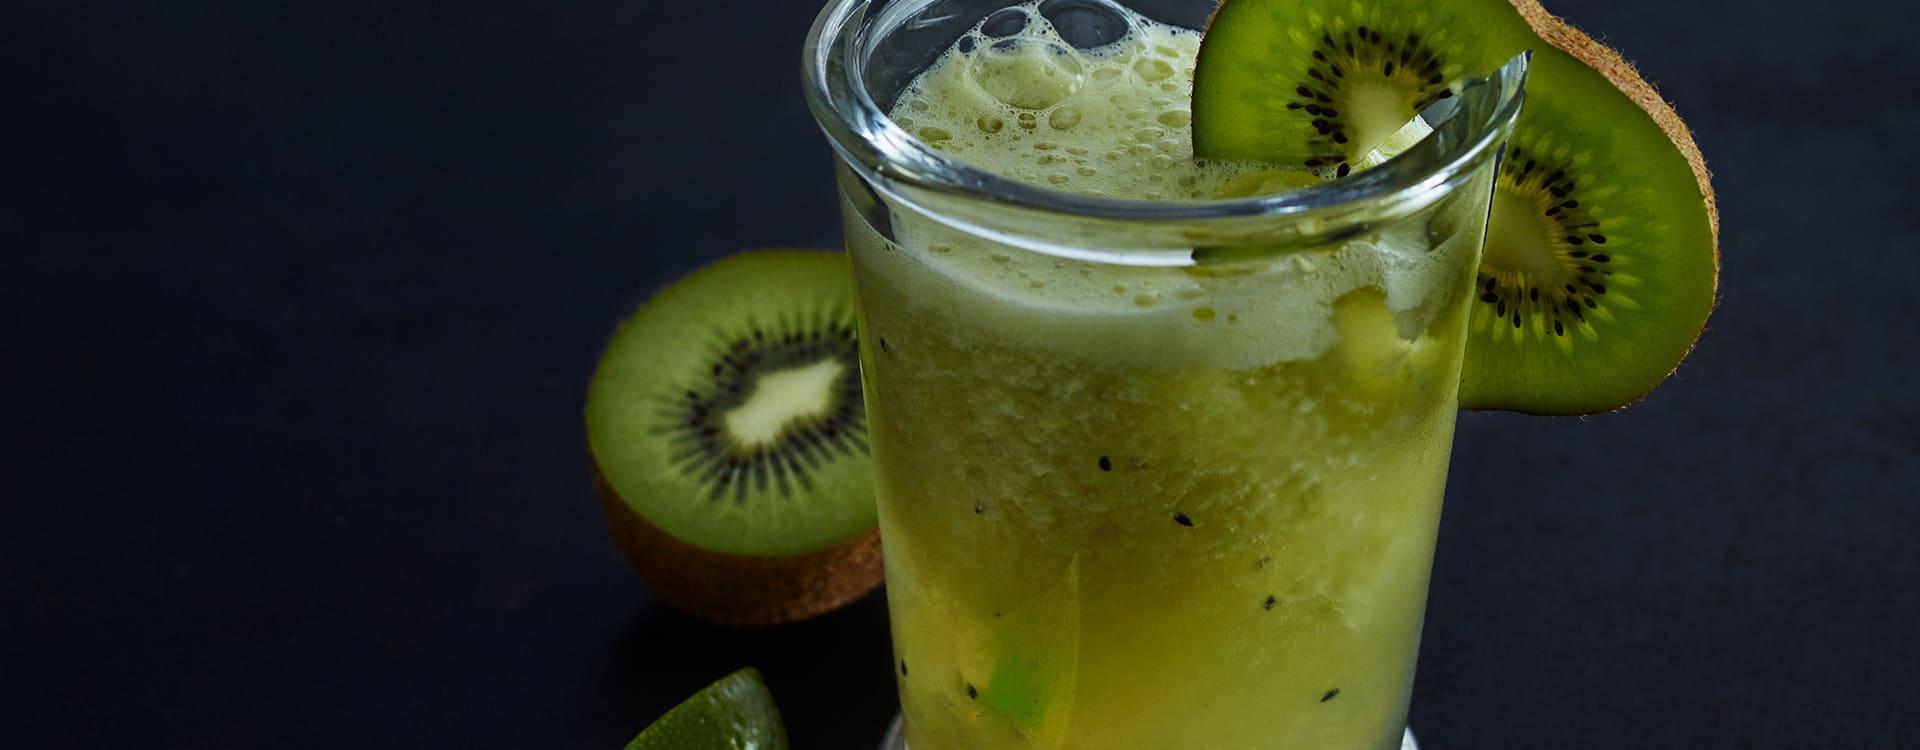 Iste med lime, kiwi og ingefær